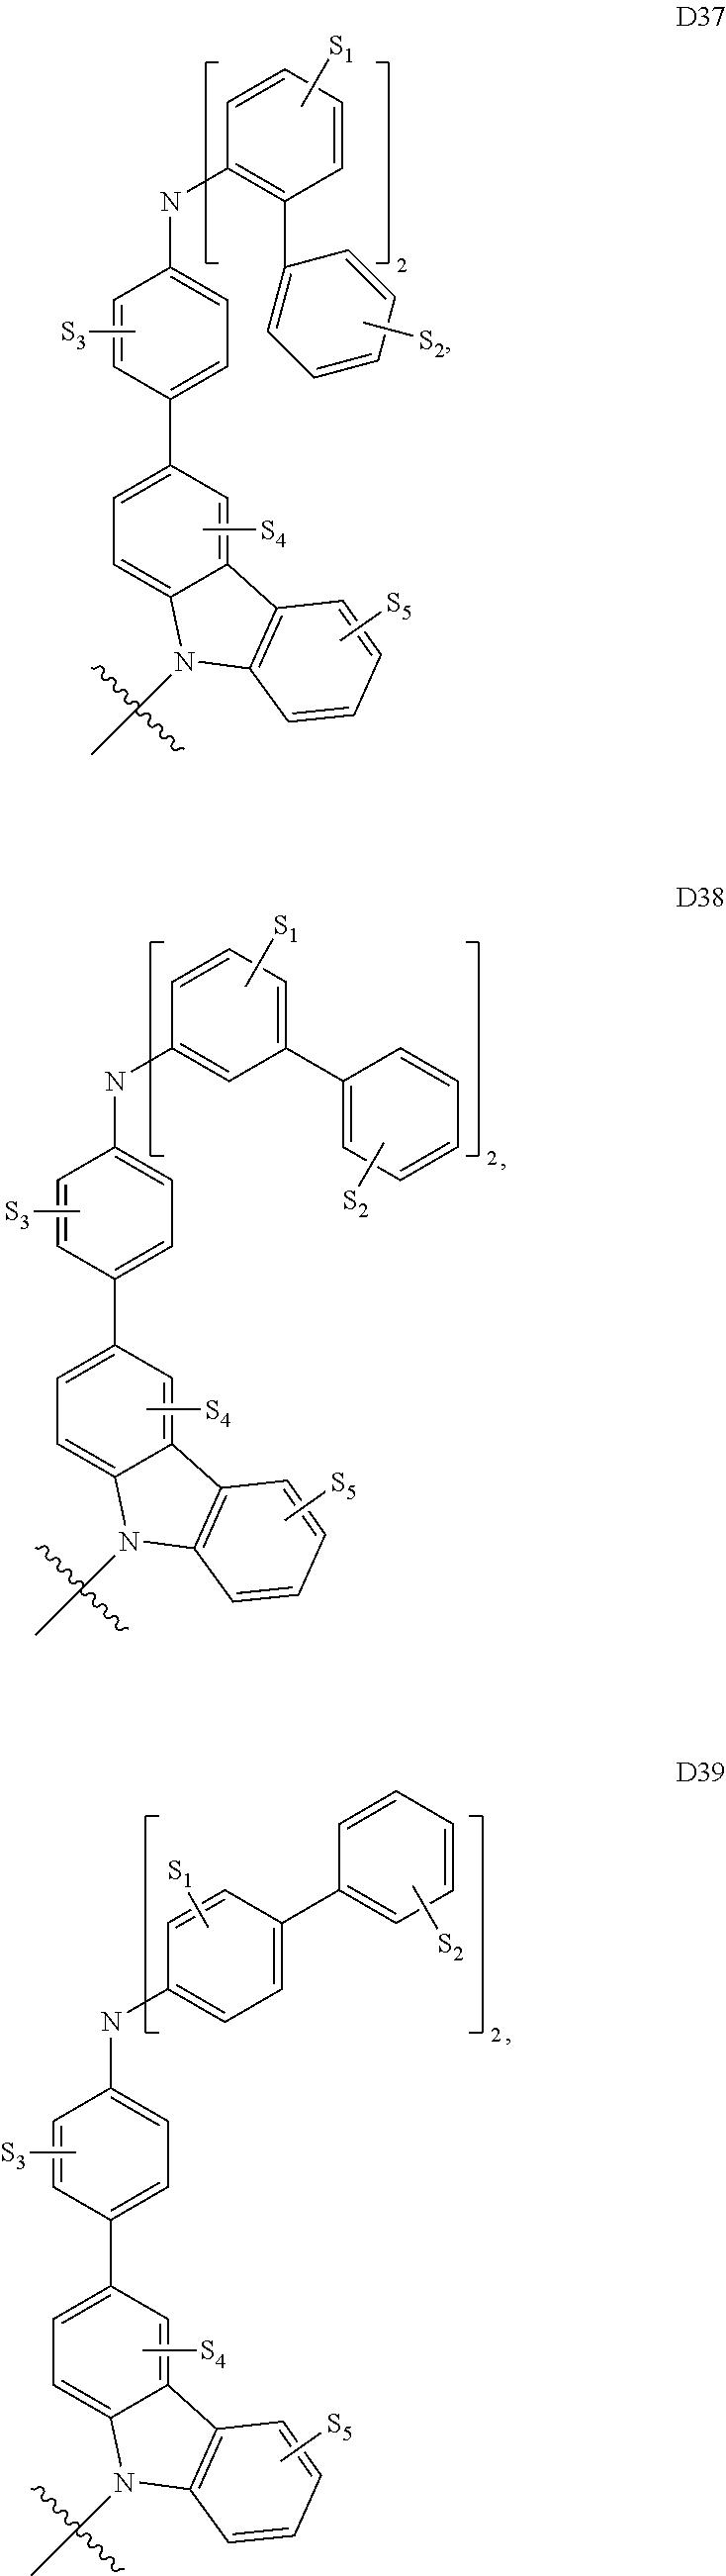 Figure US09324949-20160426-C00325